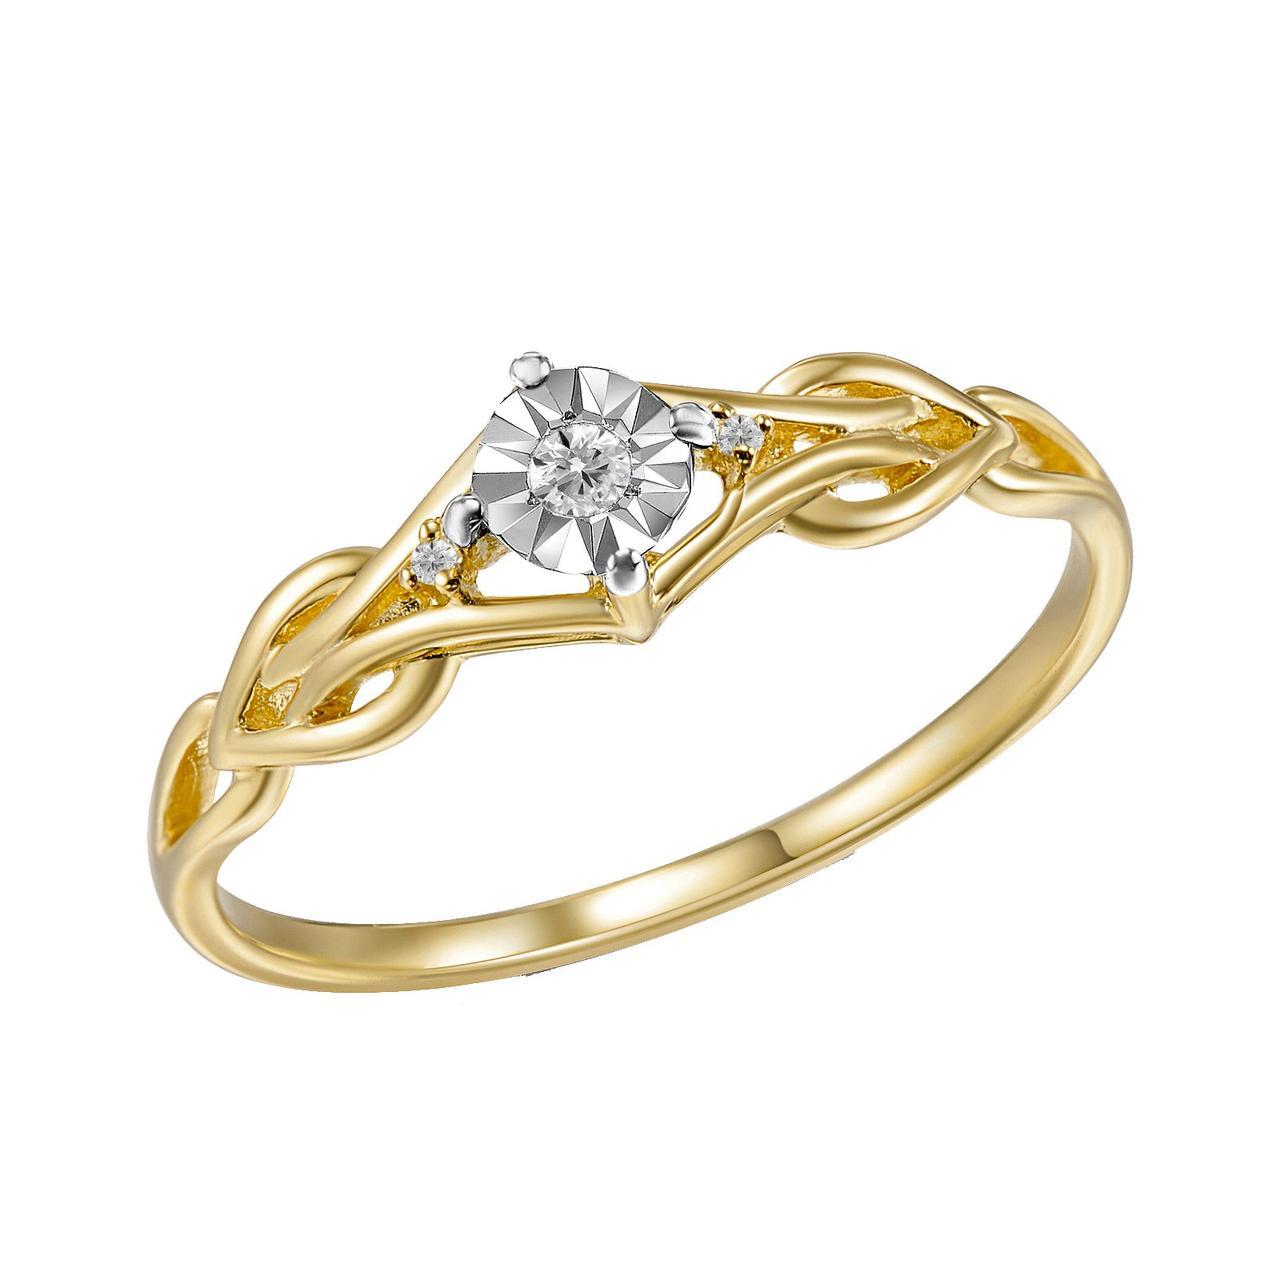 Золотое кольцо с бриллиантами, размер 17 (1669238)